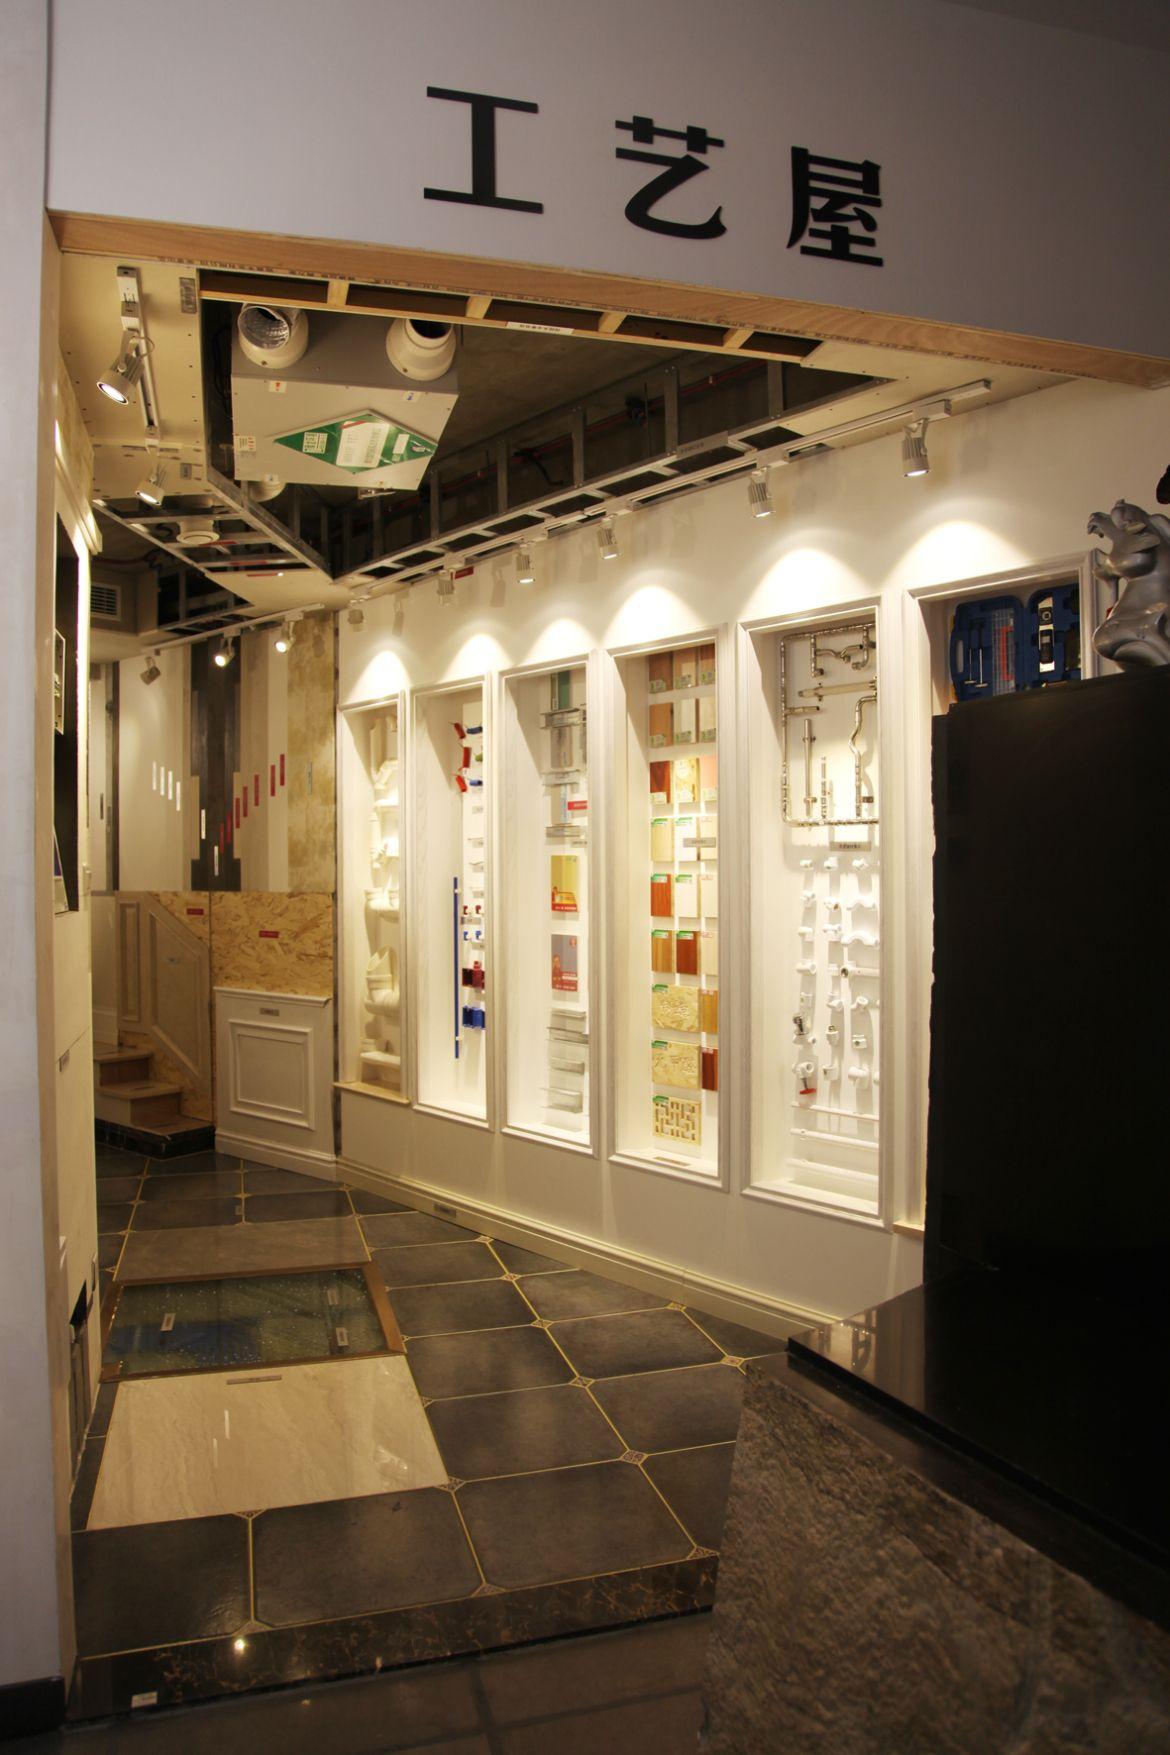 空间装饰 将家的设计方案植入到智能设备中, vr实景看房 身临其境遇见